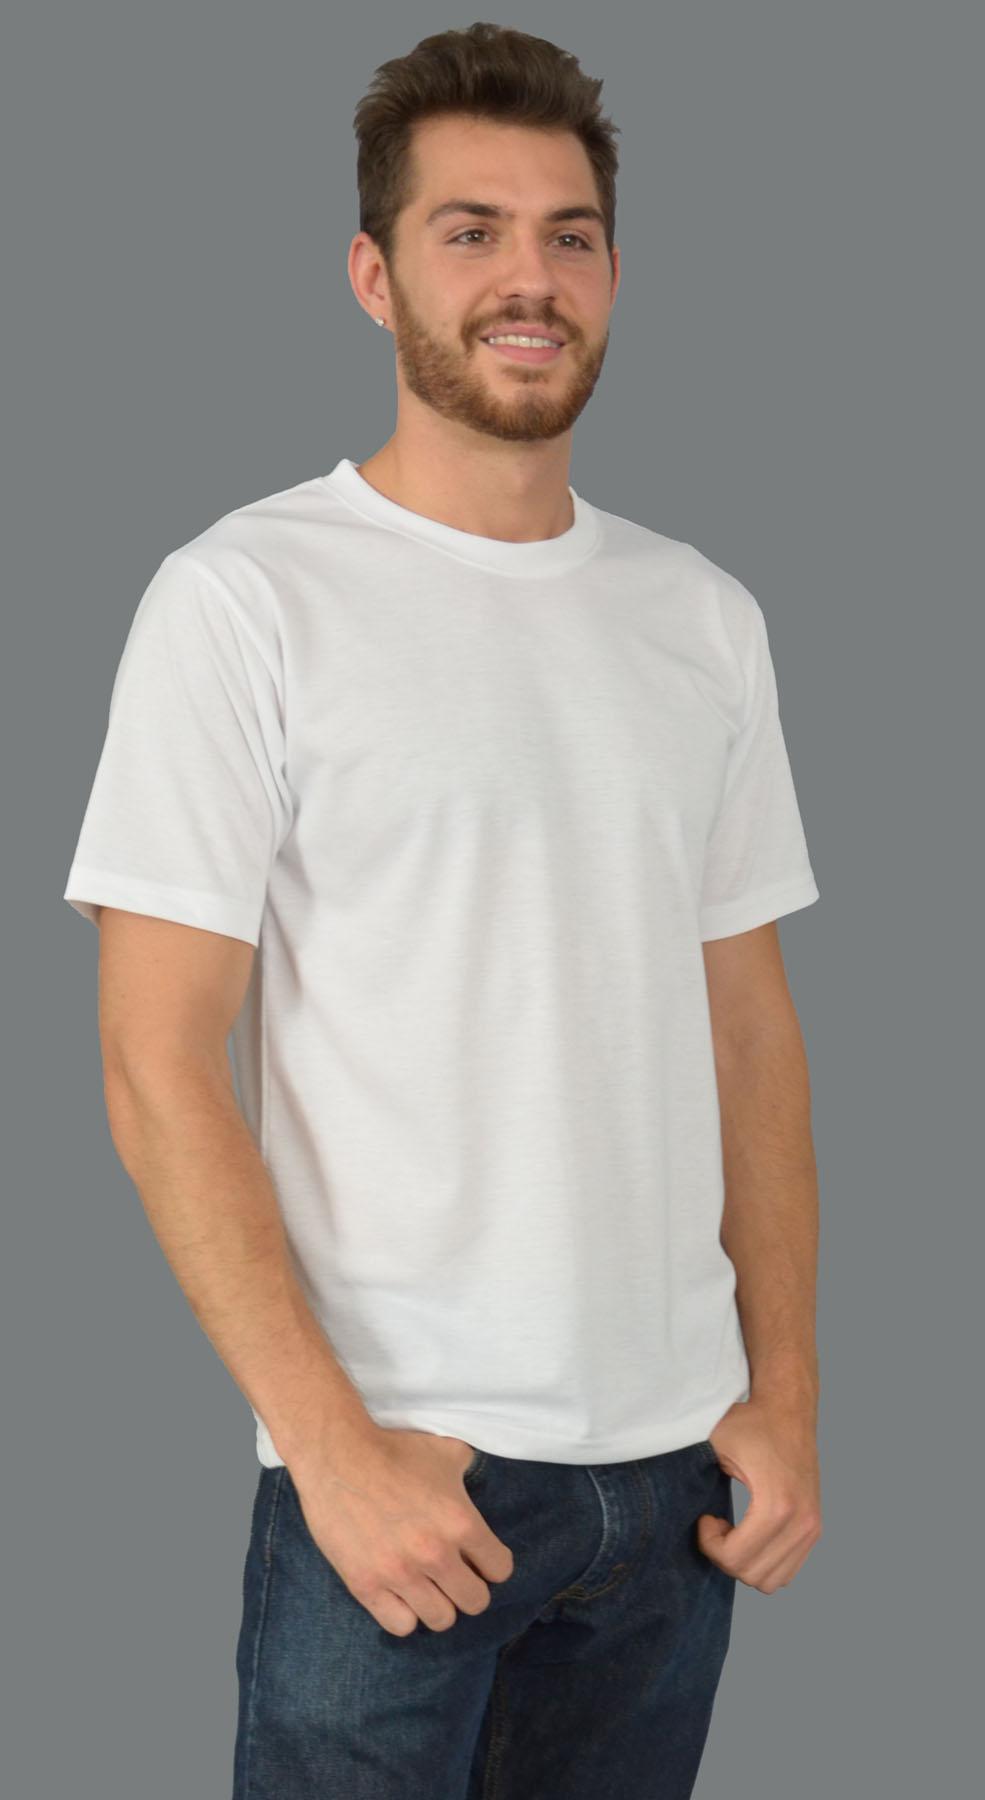 Monag 953001 - S/S Men's Crew Neck Tee 100% Polyester ...